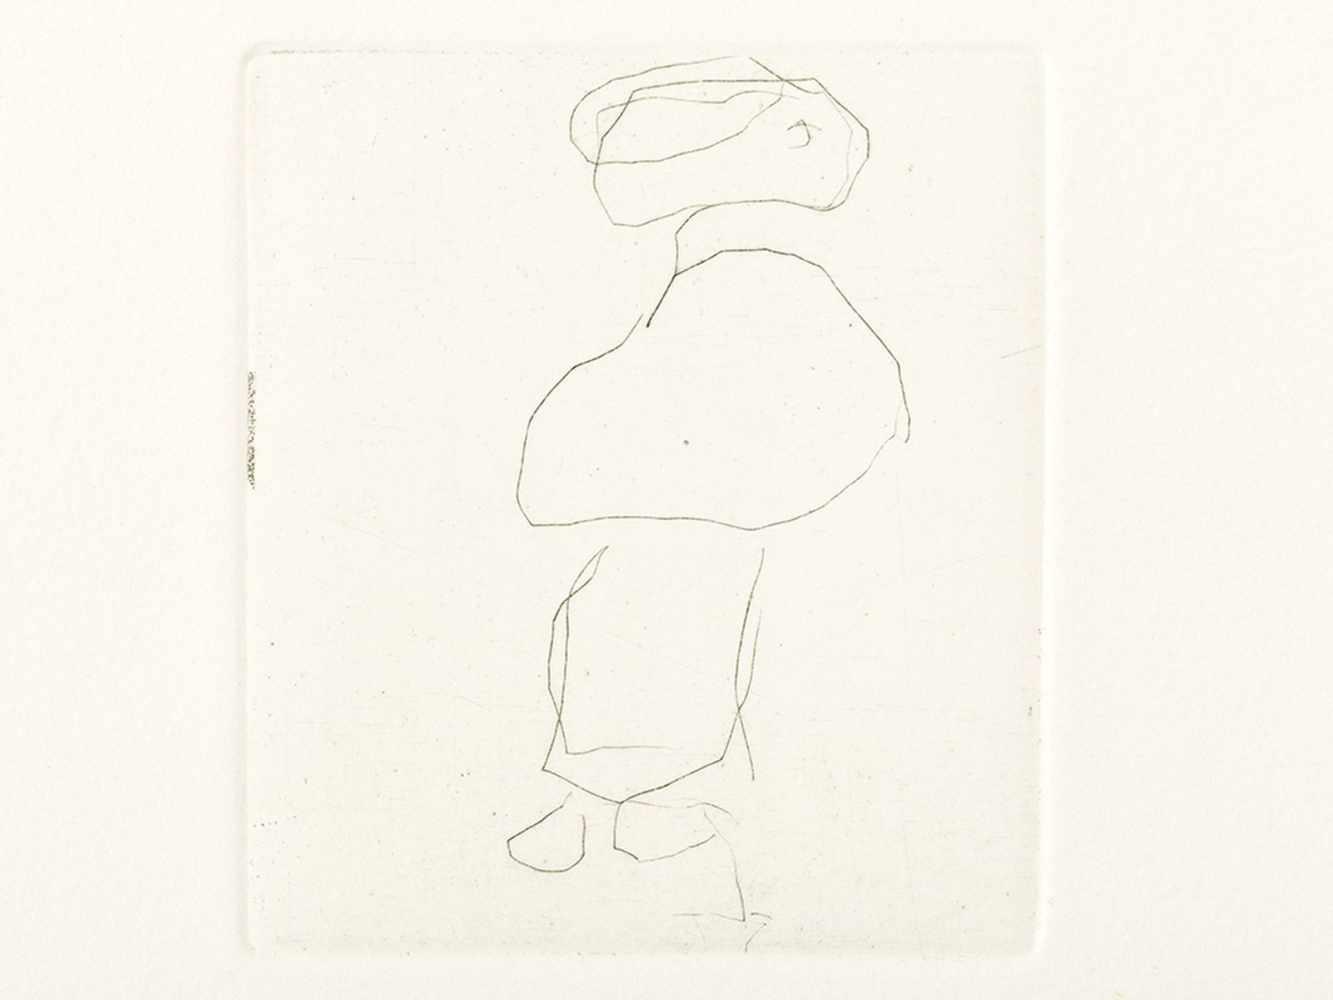 Gerhard Altenbourg, Pelerine und Feudel, Drypoint Etching, 1988 - Image 2 of 6